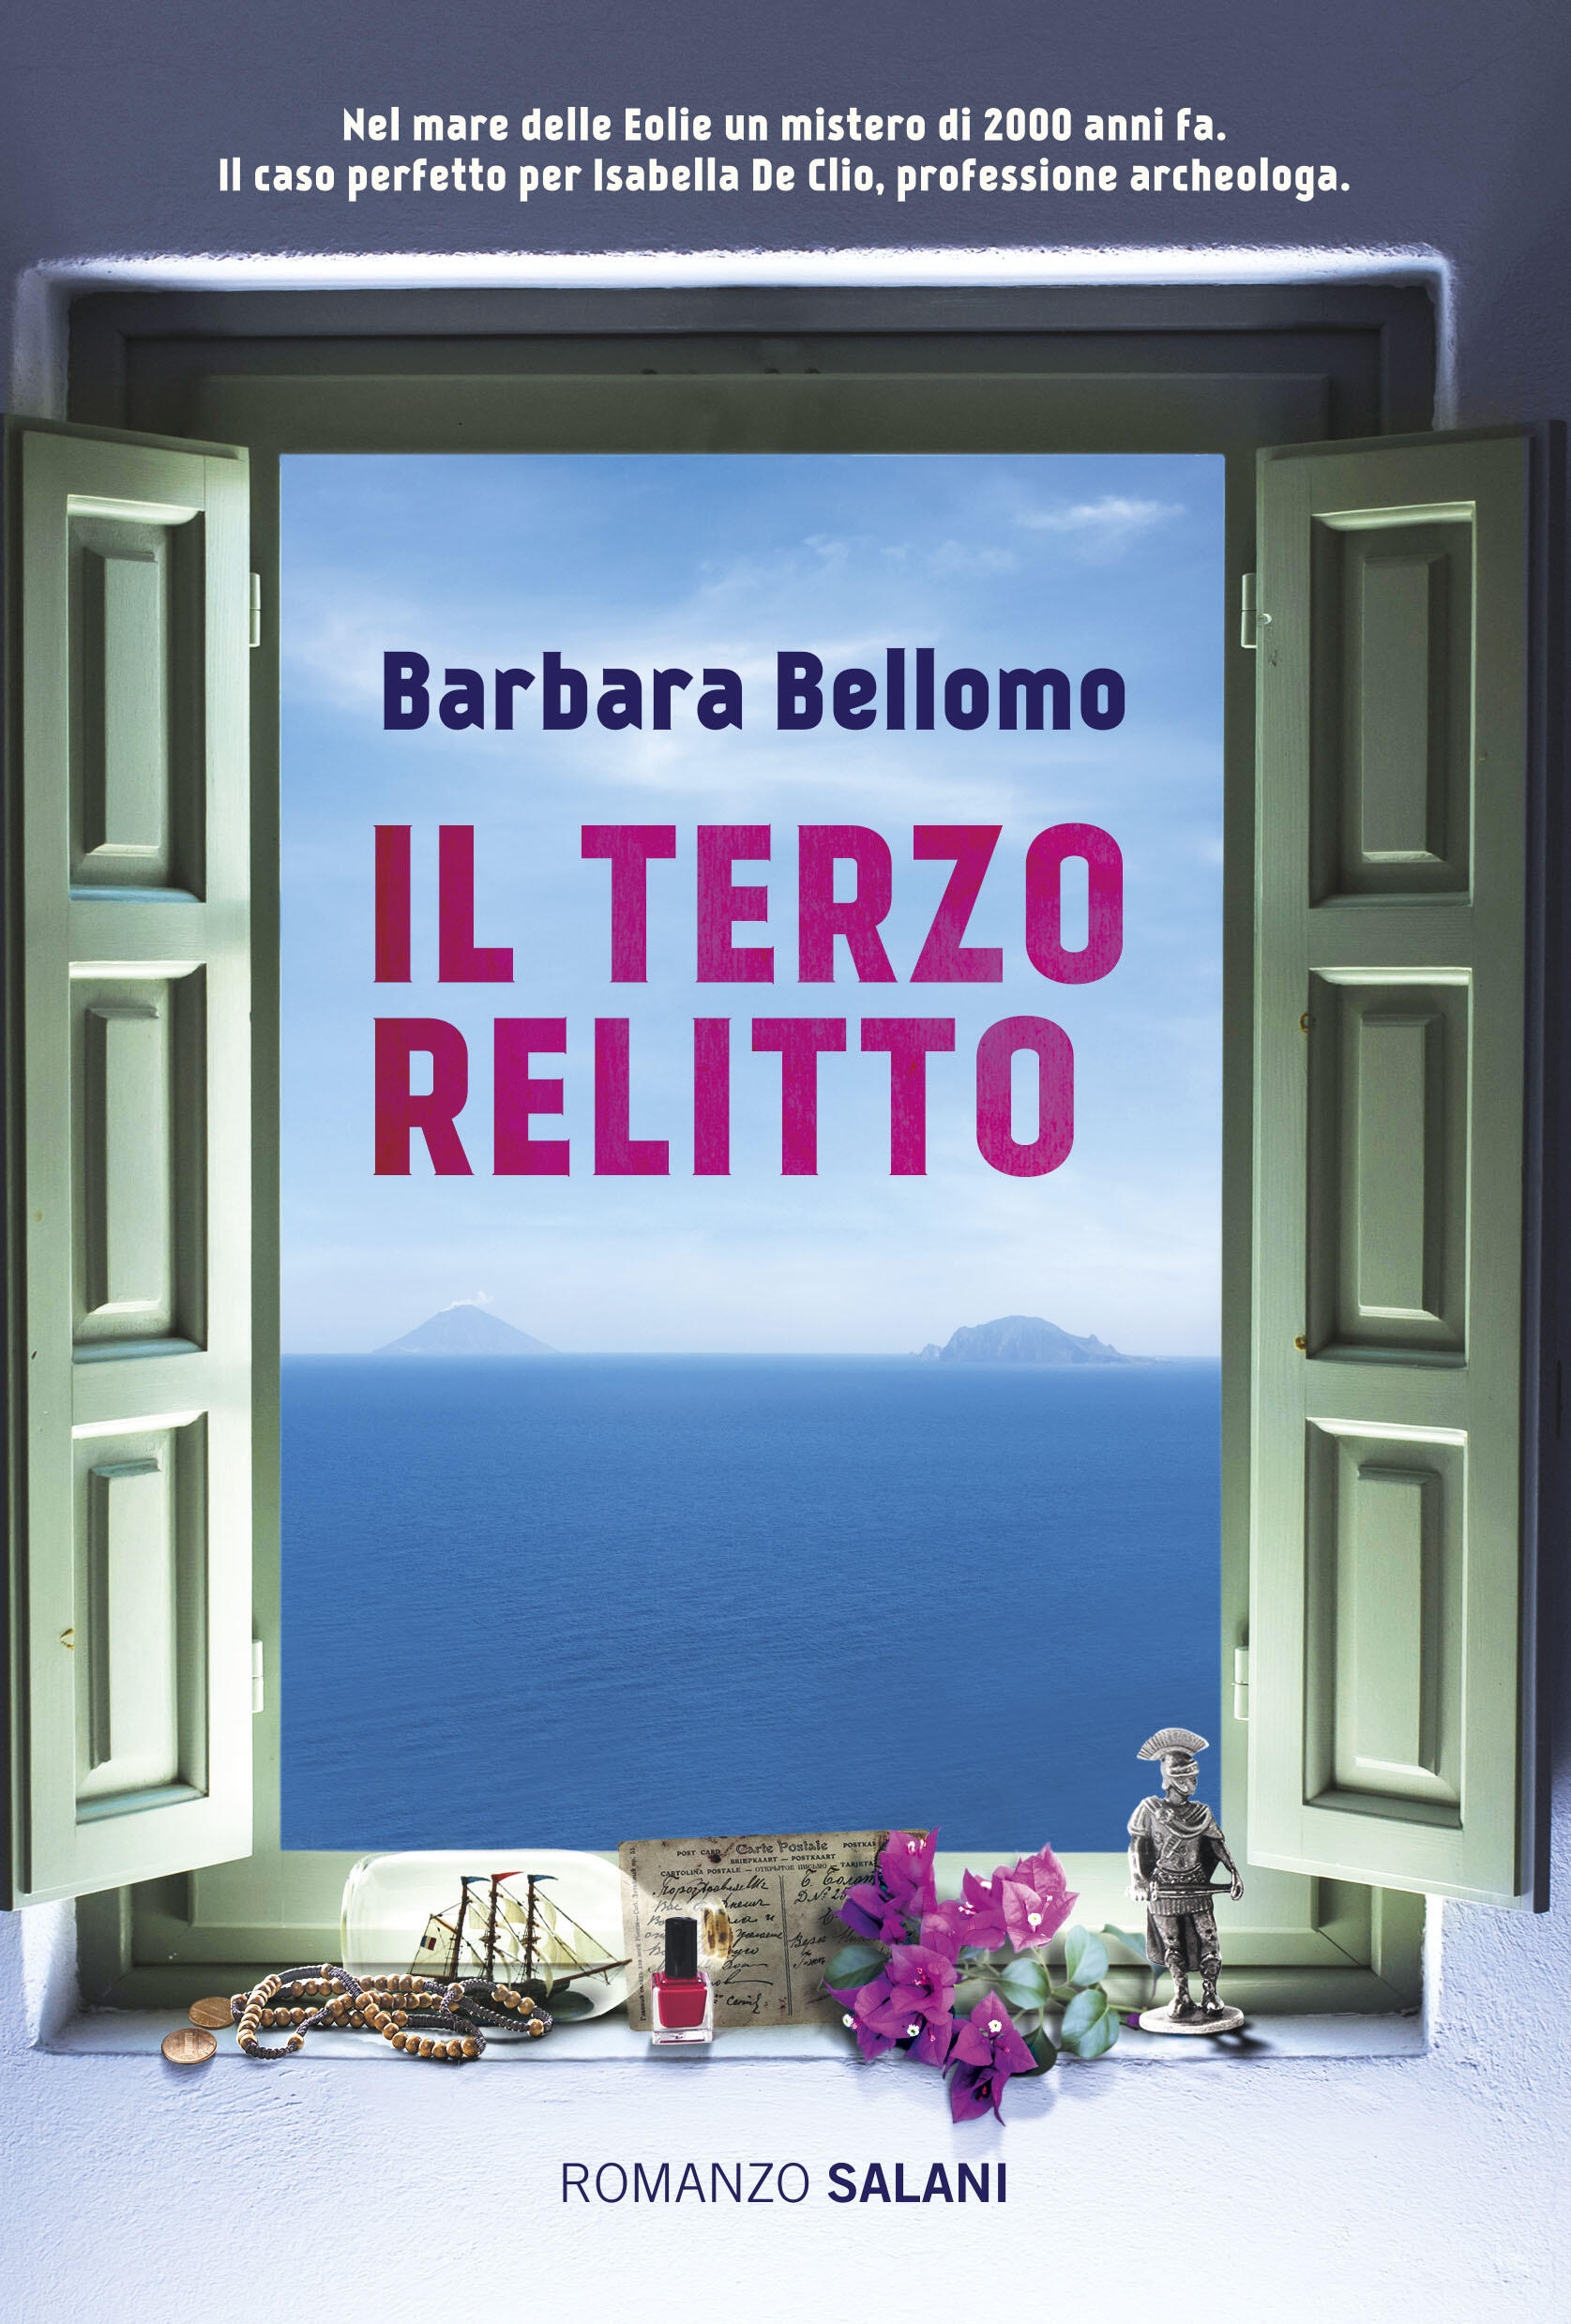 Il terzo relitto barbara bellomo libro salani for Susanna tamaro il tuo sguardo illumina il mondo